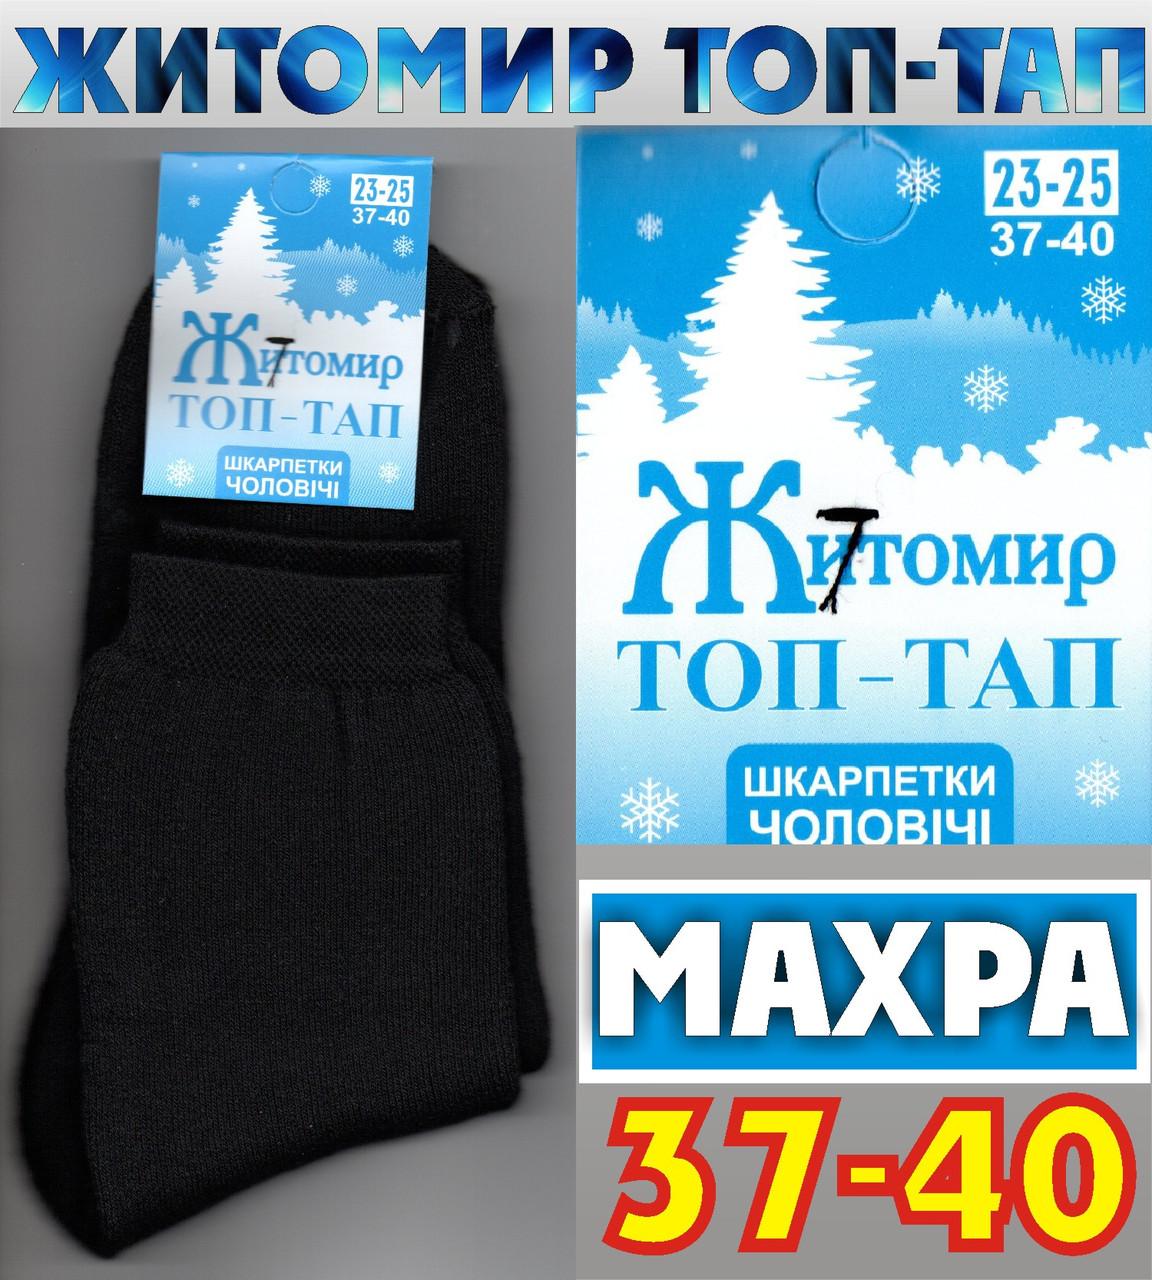 Носки махра зимние размер 37-40 (унисекс: мужские, женские, подростковые) ТОП-ТАП Житомир Украина   НЖЗ-01361